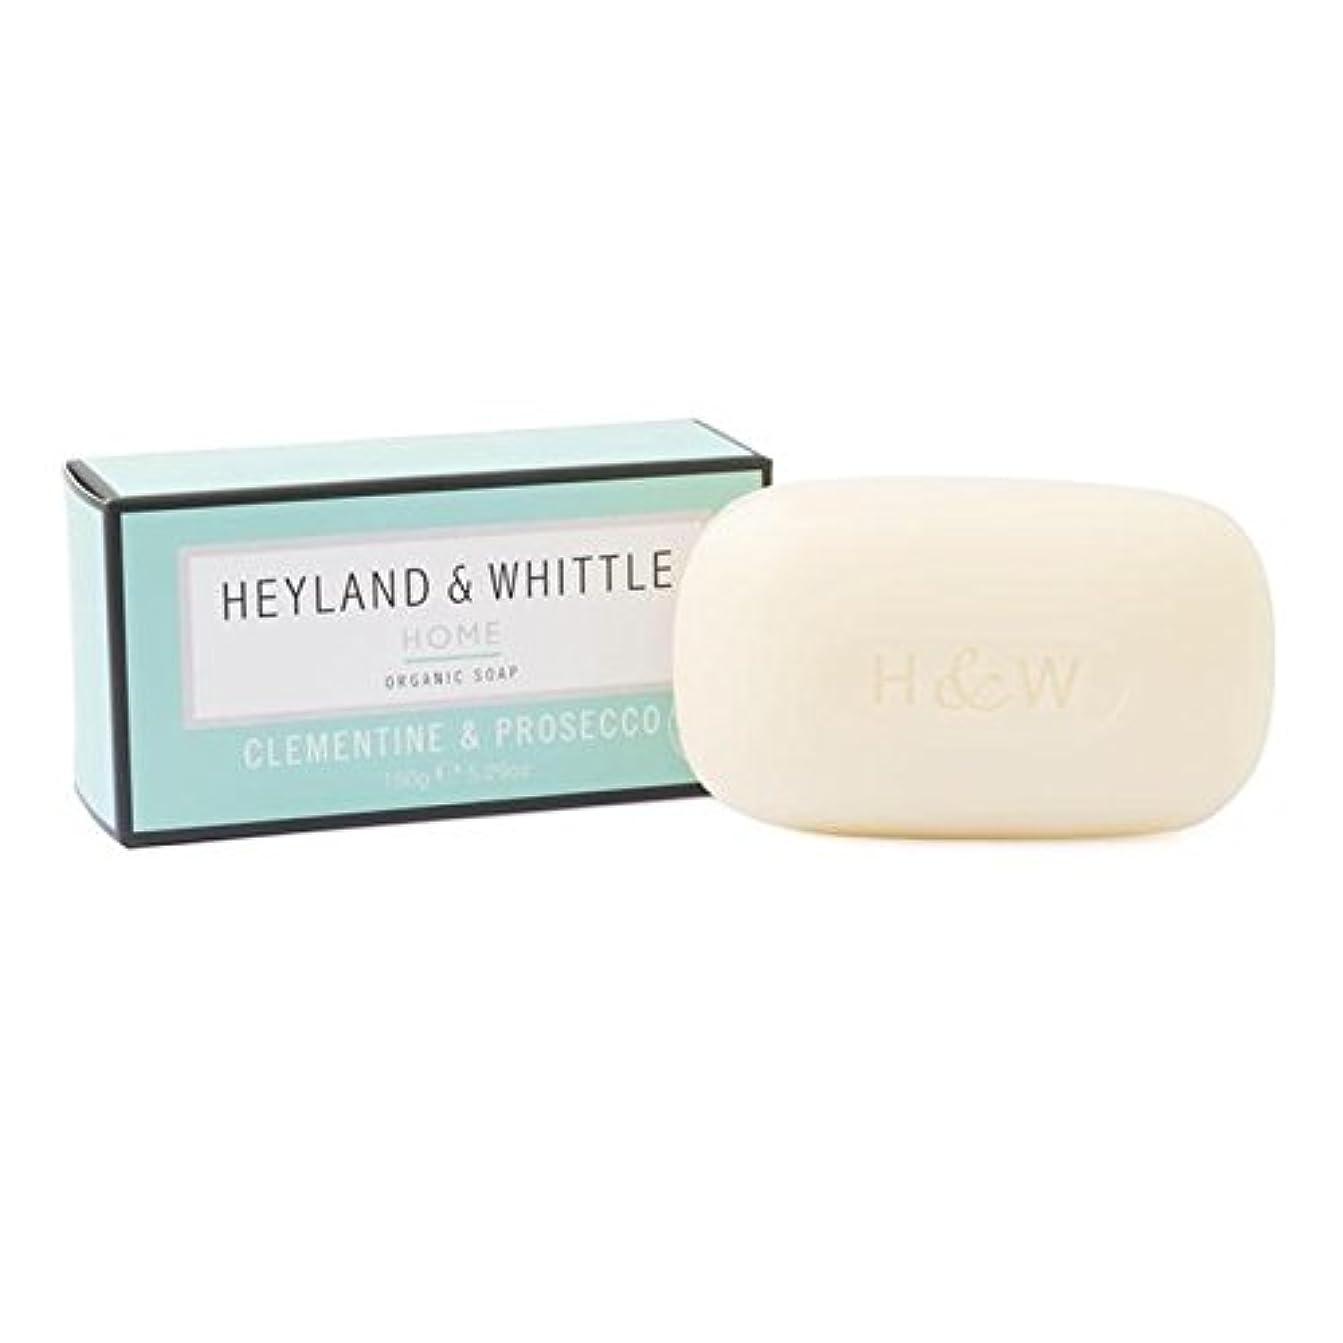 現実にはカラス冷凍庫&削るホームクレメンタイン&プロセッコ有機石鹸150グラム x2 - Heyland & Whittle Home Clementine & Prosecco Organic Soap 150g (Pack of 2)...